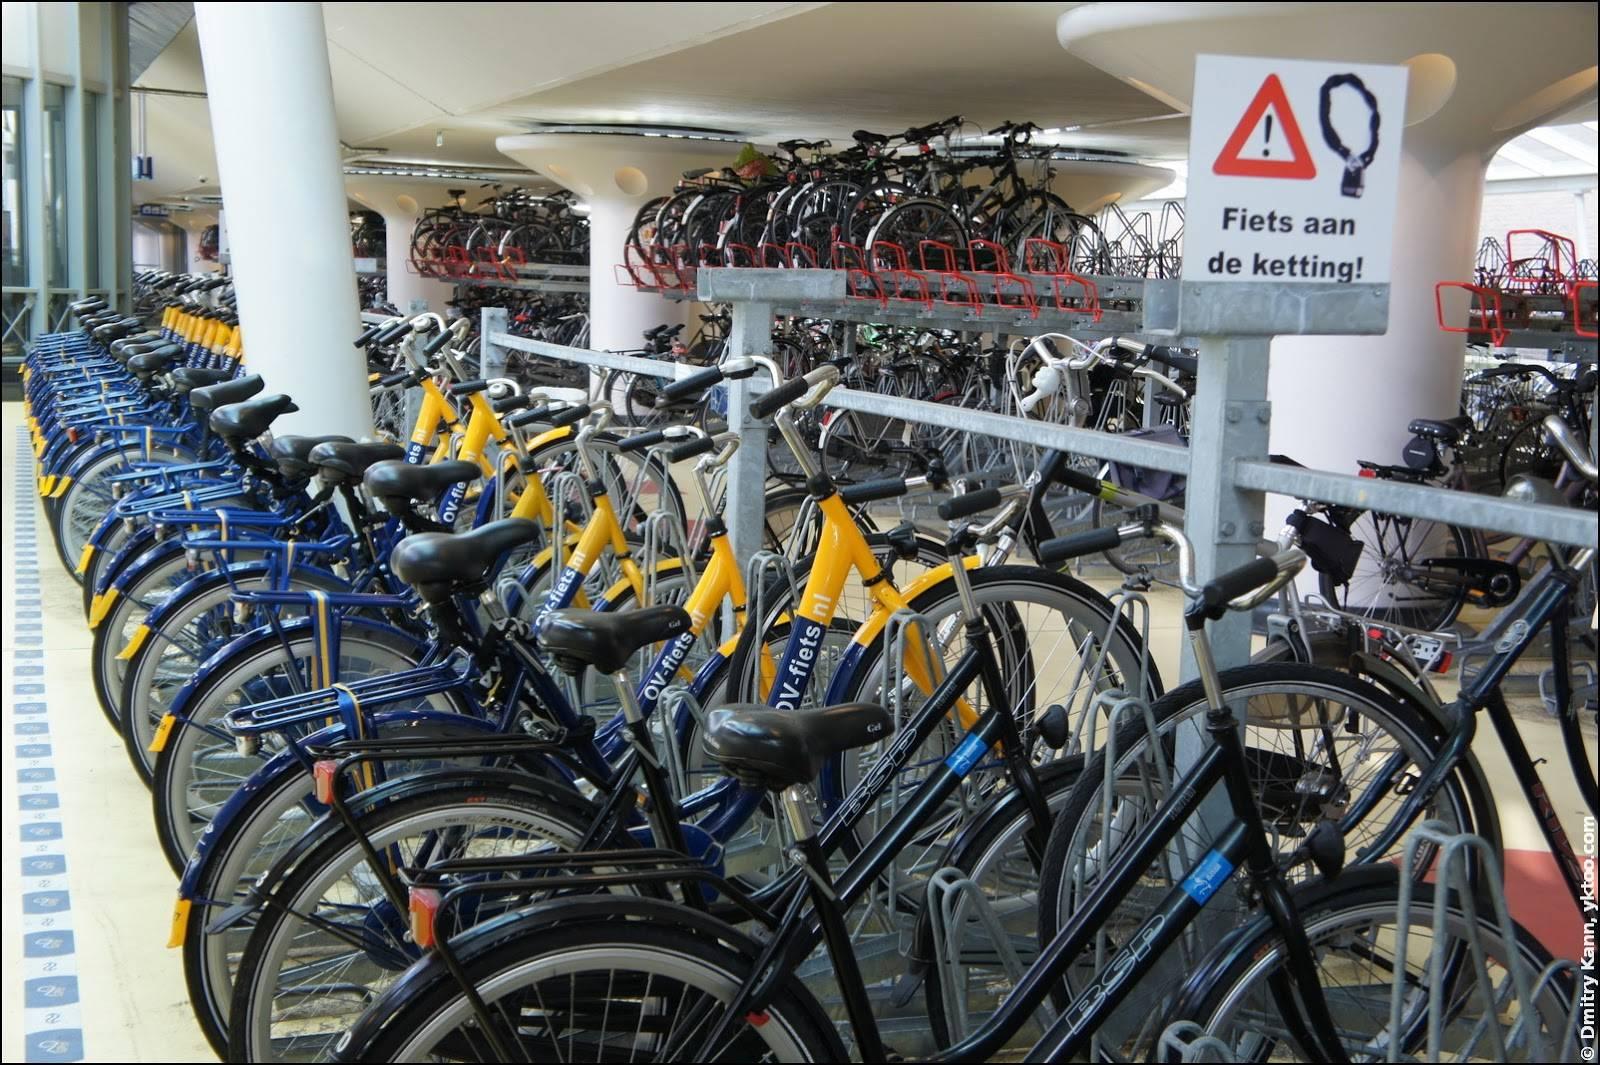 Велосипеды в Испании: что полезно знать гостю солнечного Королевства